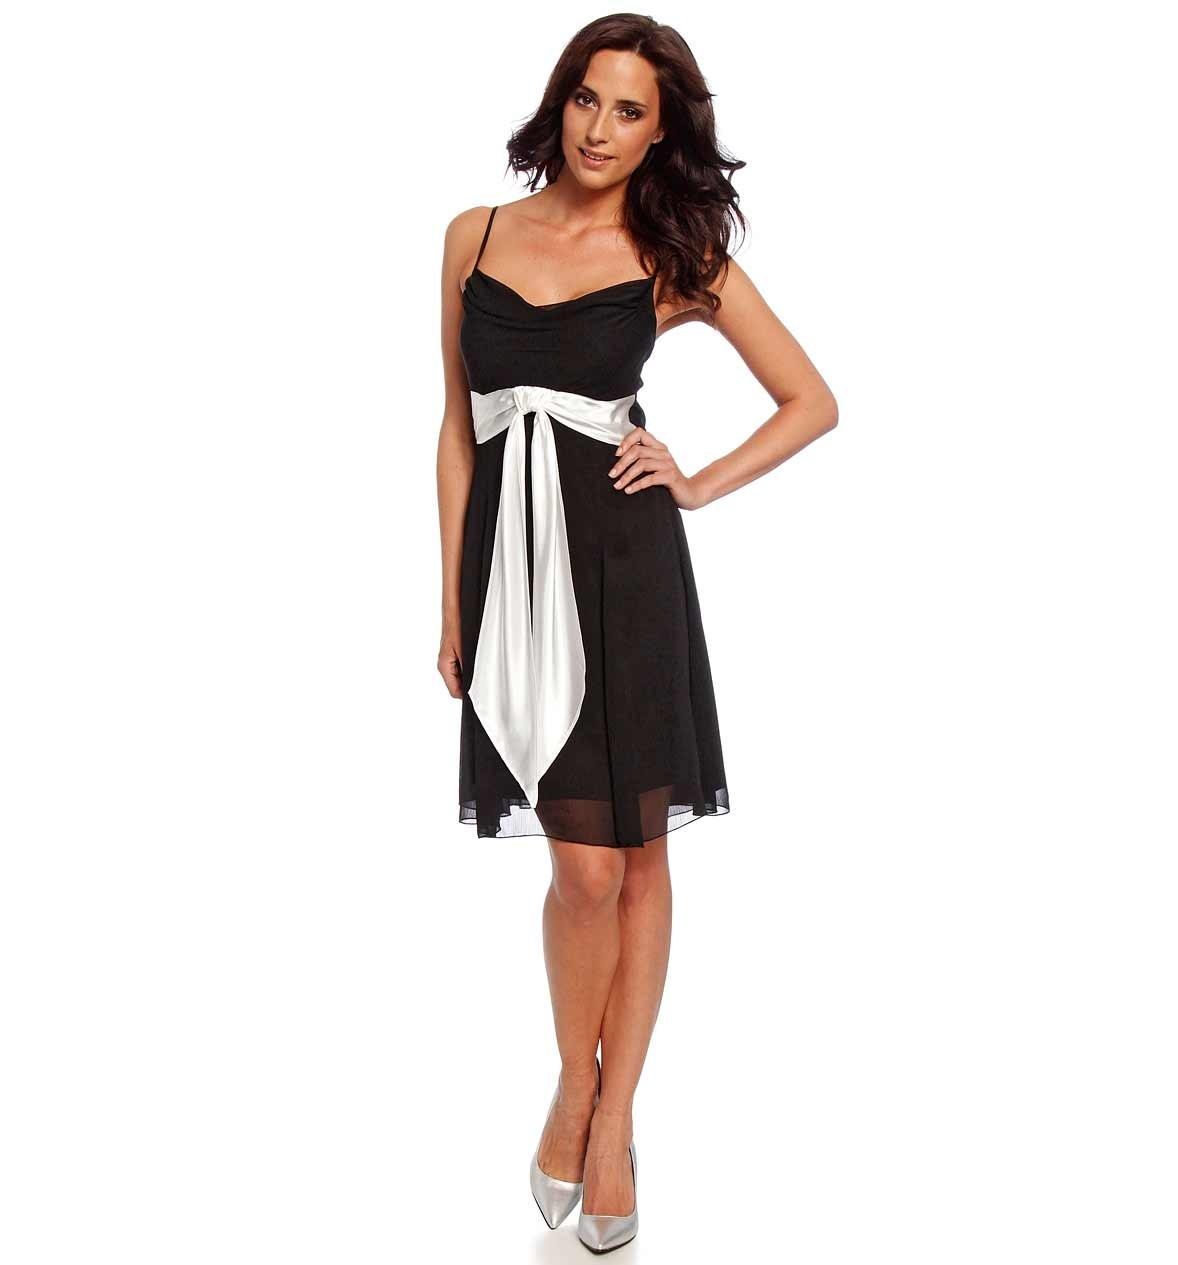 20 Ausgezeichnet Abendkleider Bestellen Online Spezialgebiet10 Luxurius Abendkleider Bestellen Online Ärmel